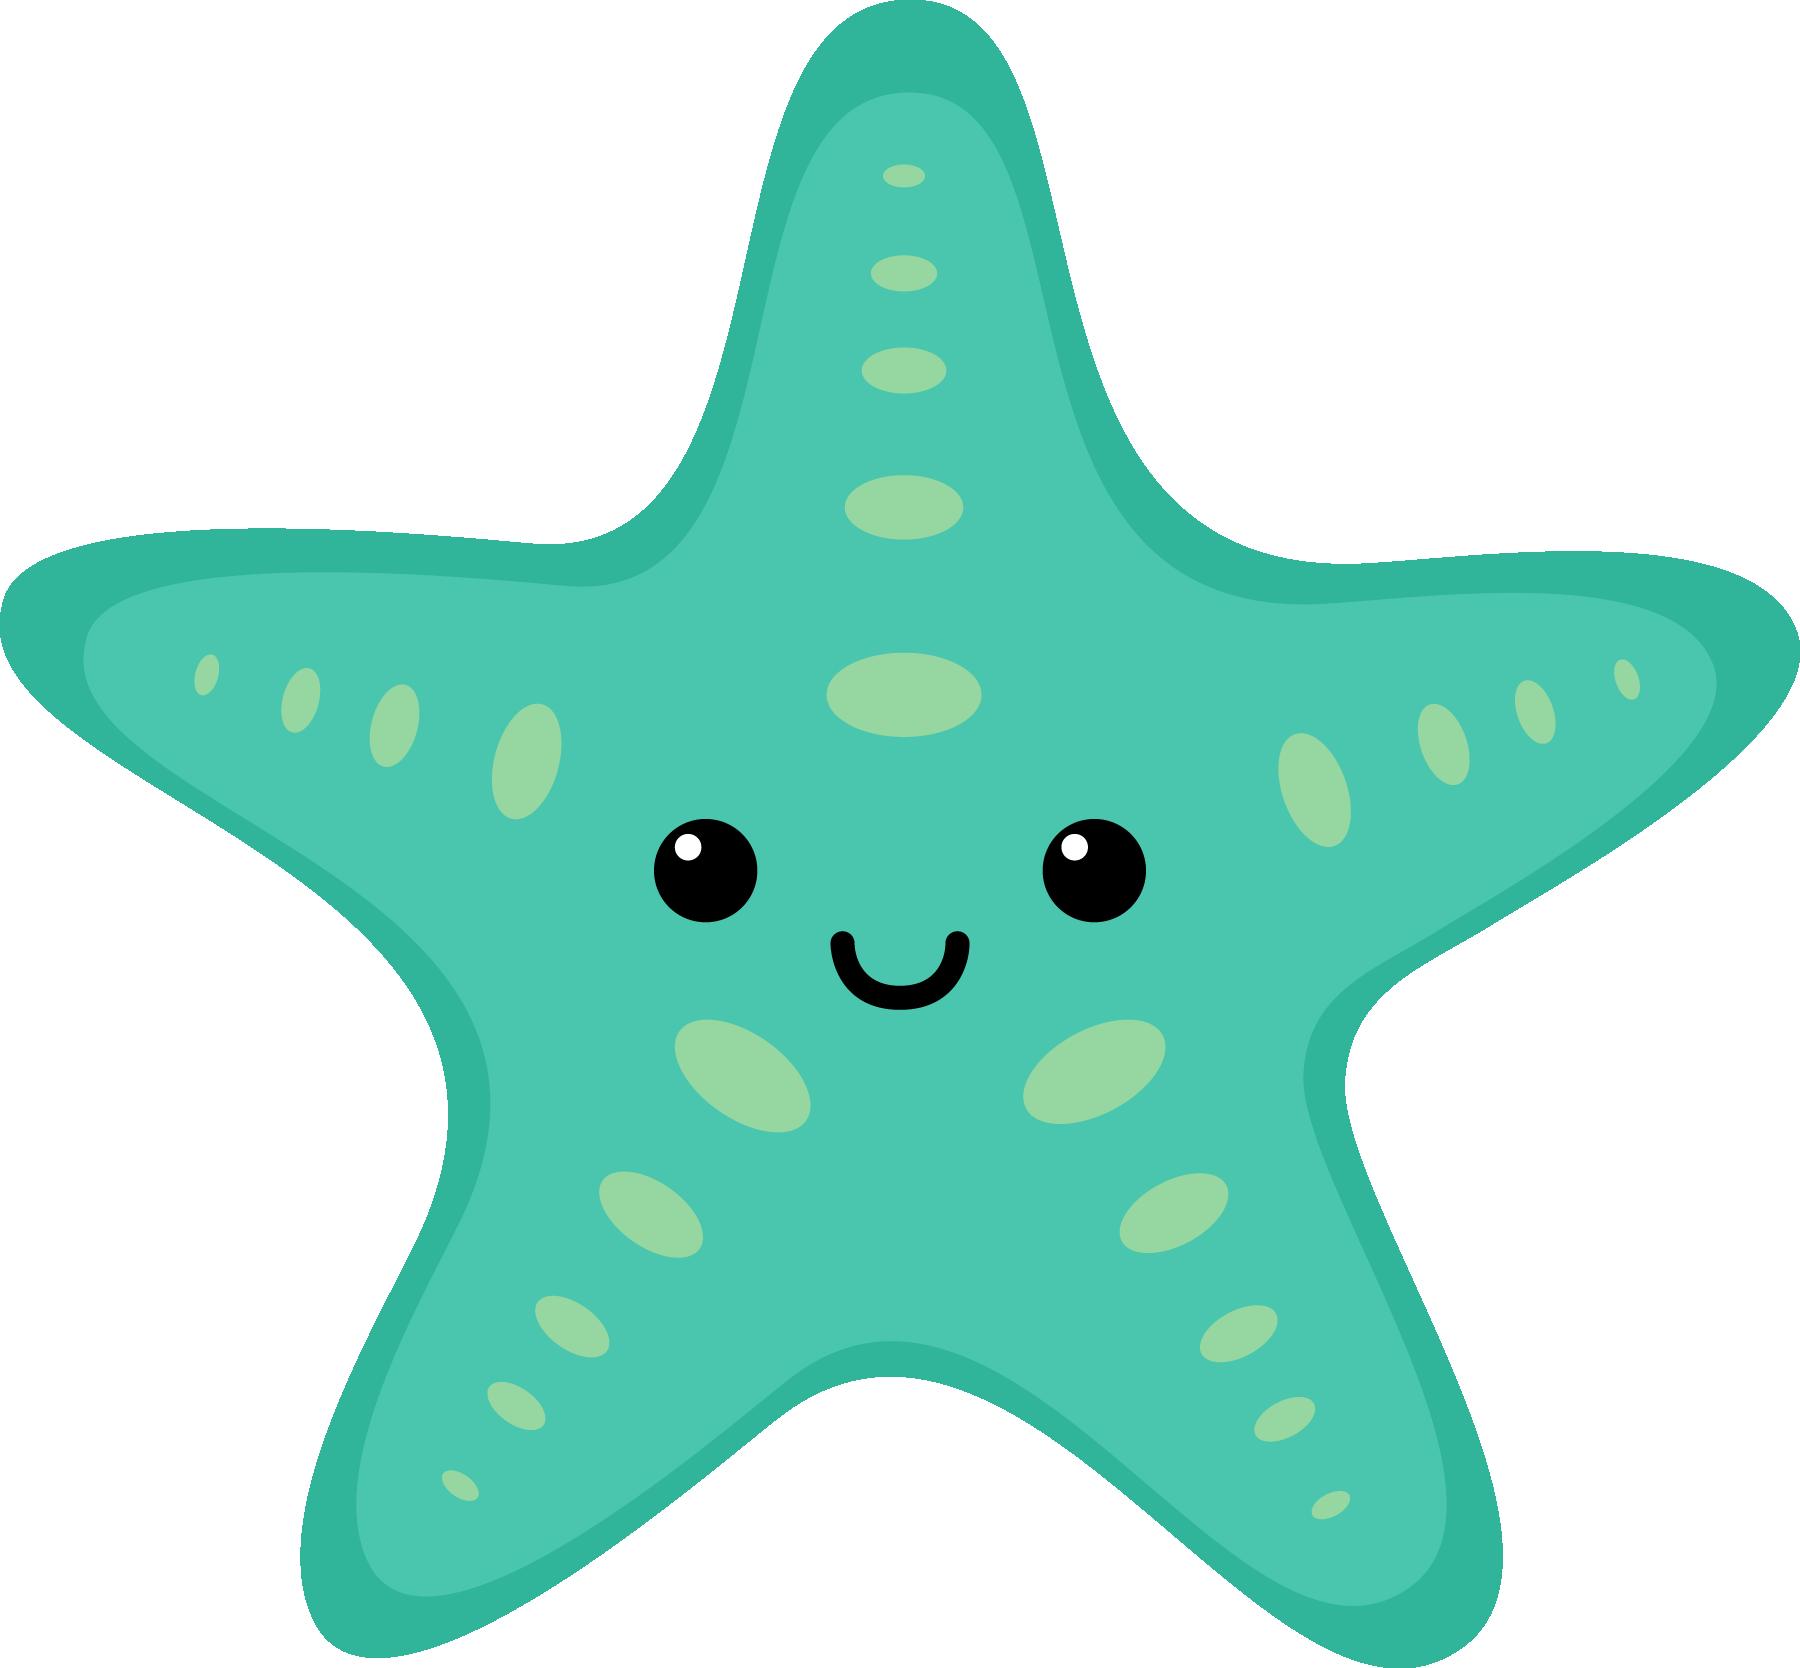 Sea creature clip art images.